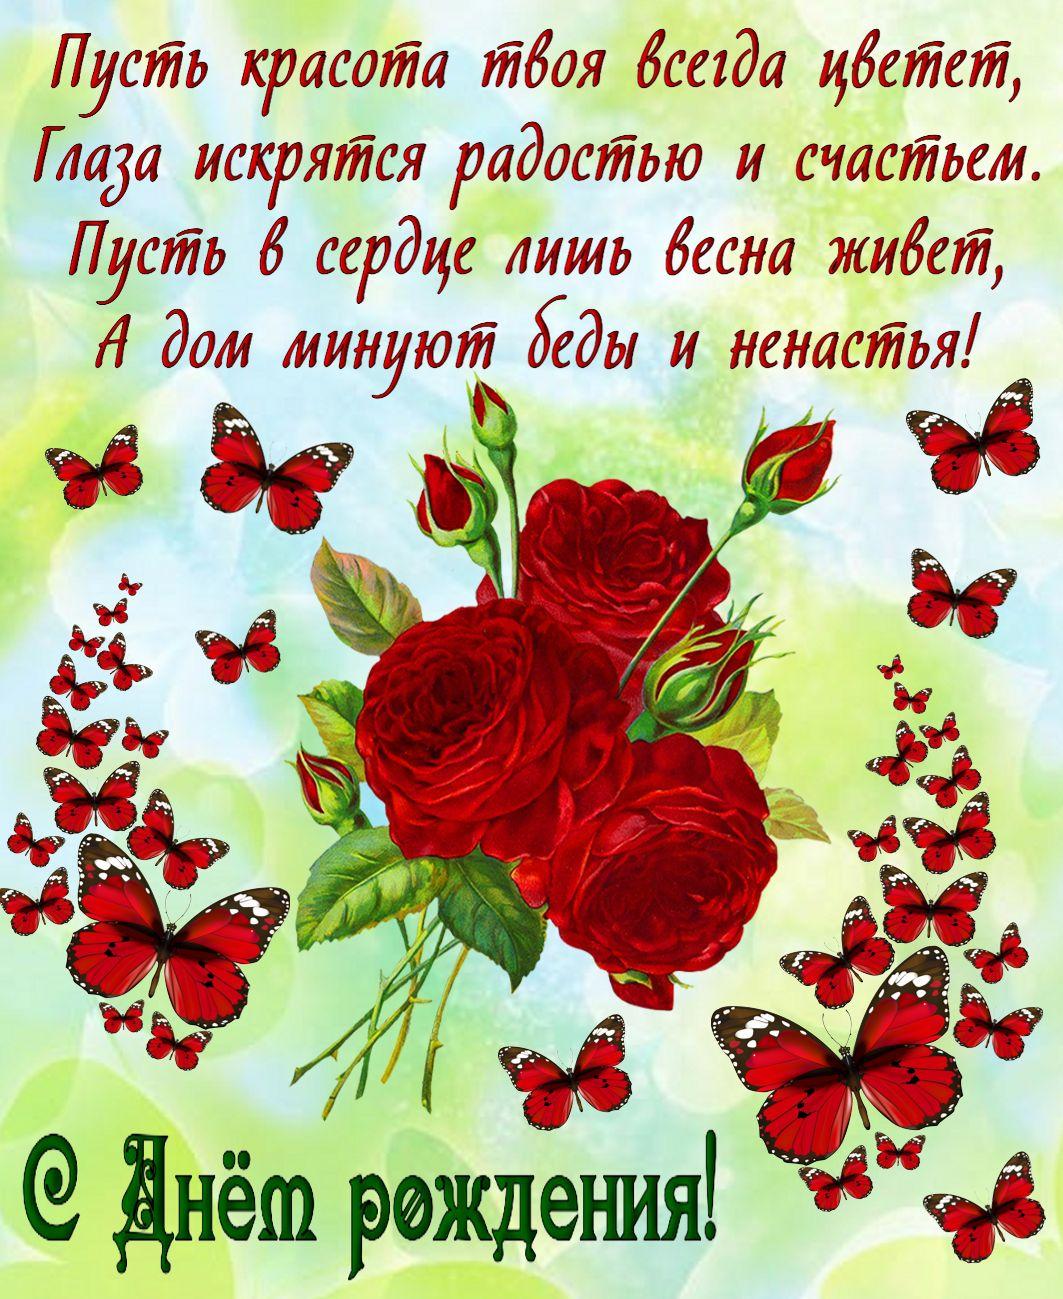 Пожелание женщине на фоне цветов и бабочек